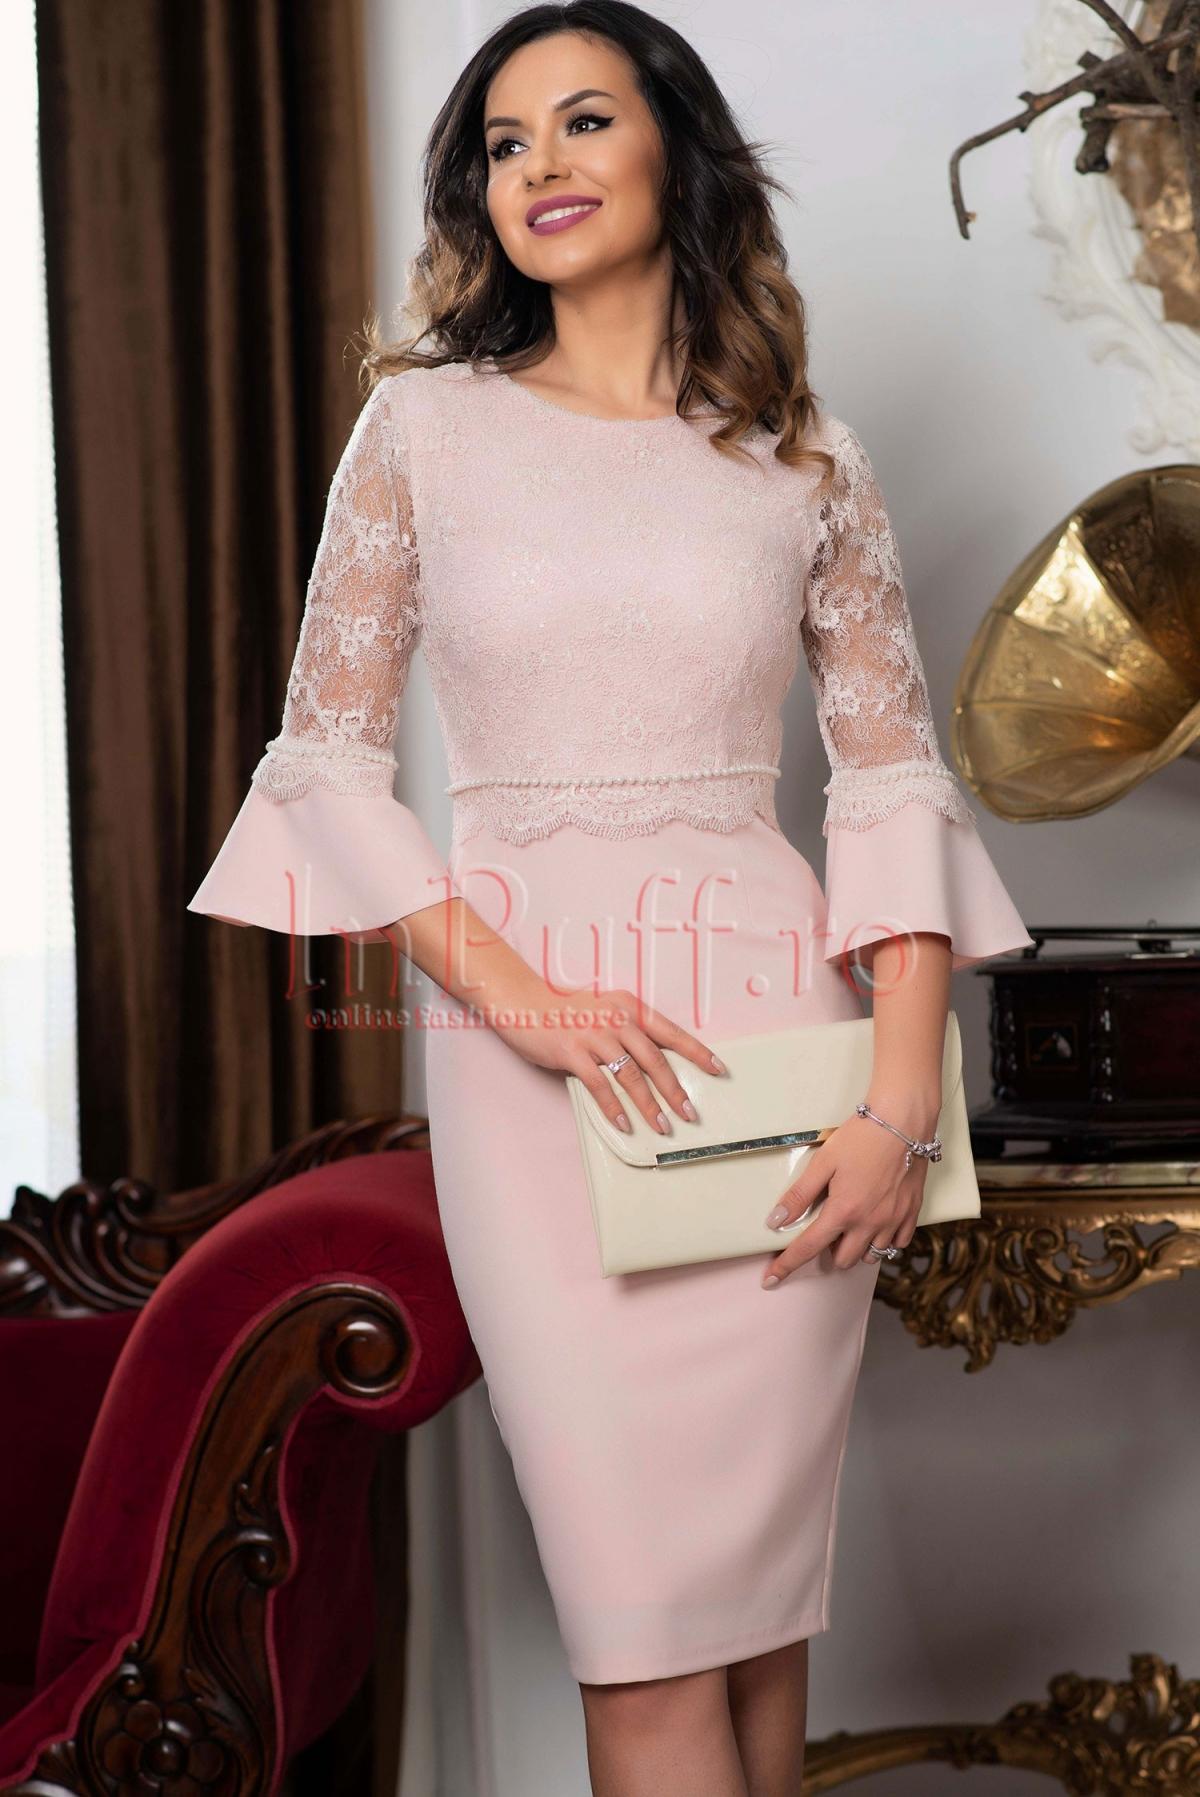 Rochie MBG roz pal cu broderie si perle aplicate